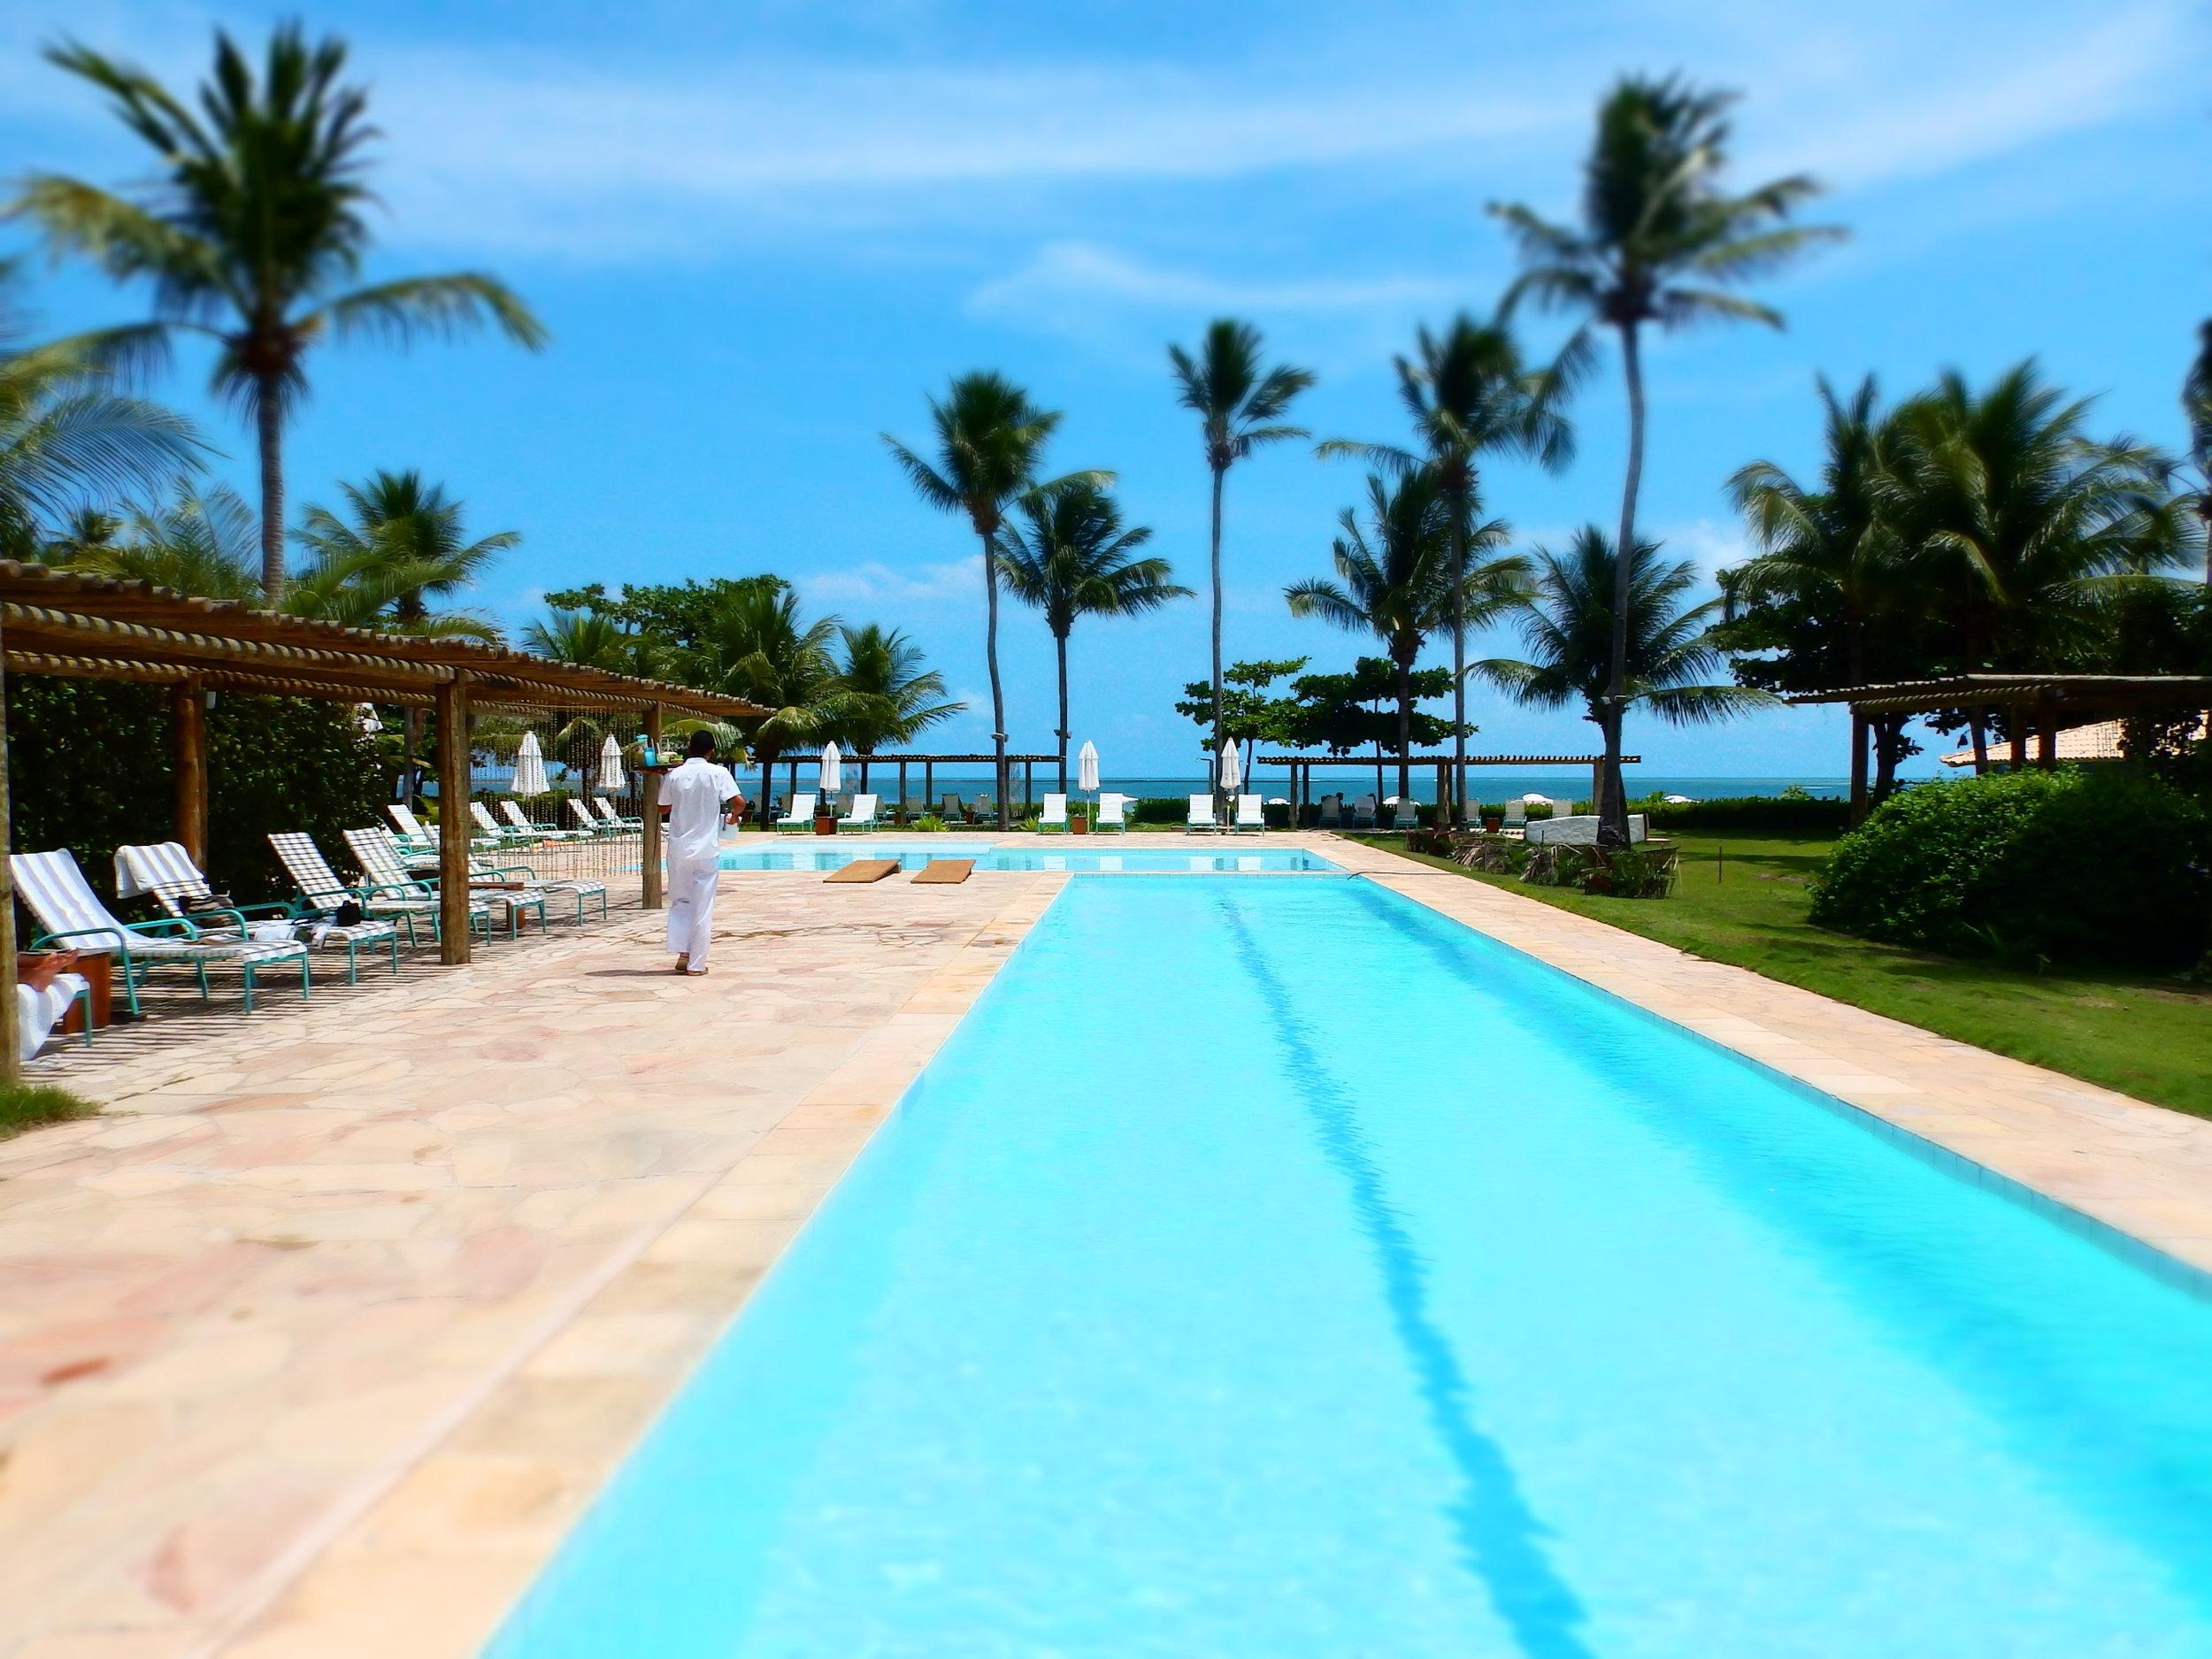 La piscina de  Aldeia Beijupirá  y, abajo, dos imágenes interiores de la misma posada.